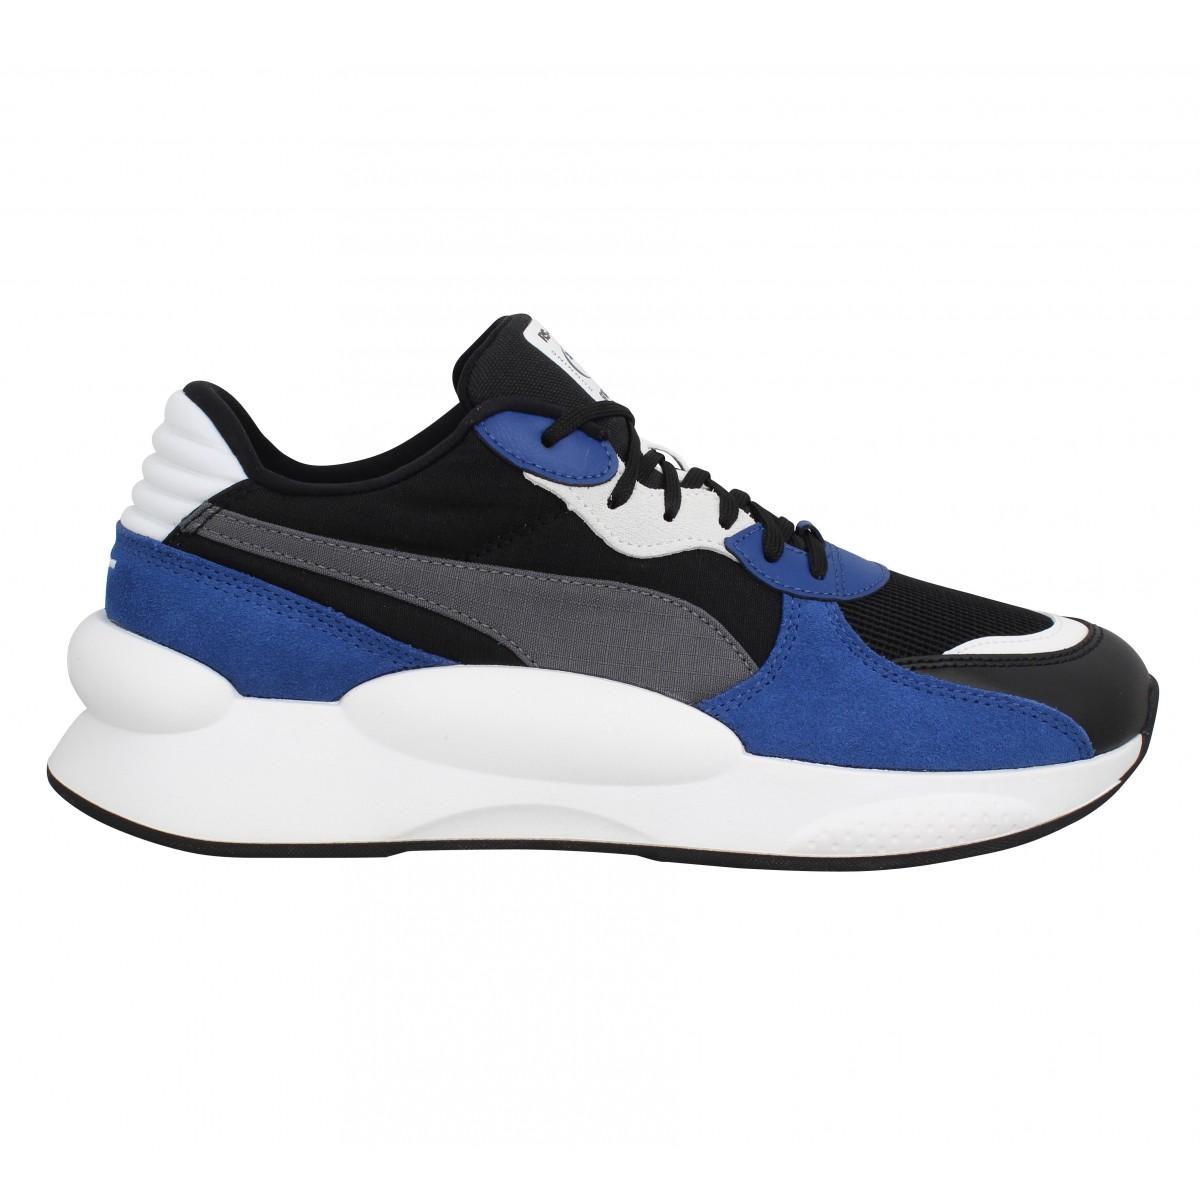 Space Rs Puma Toile Noir 9 Homme 8 Bleu kiuZOPX